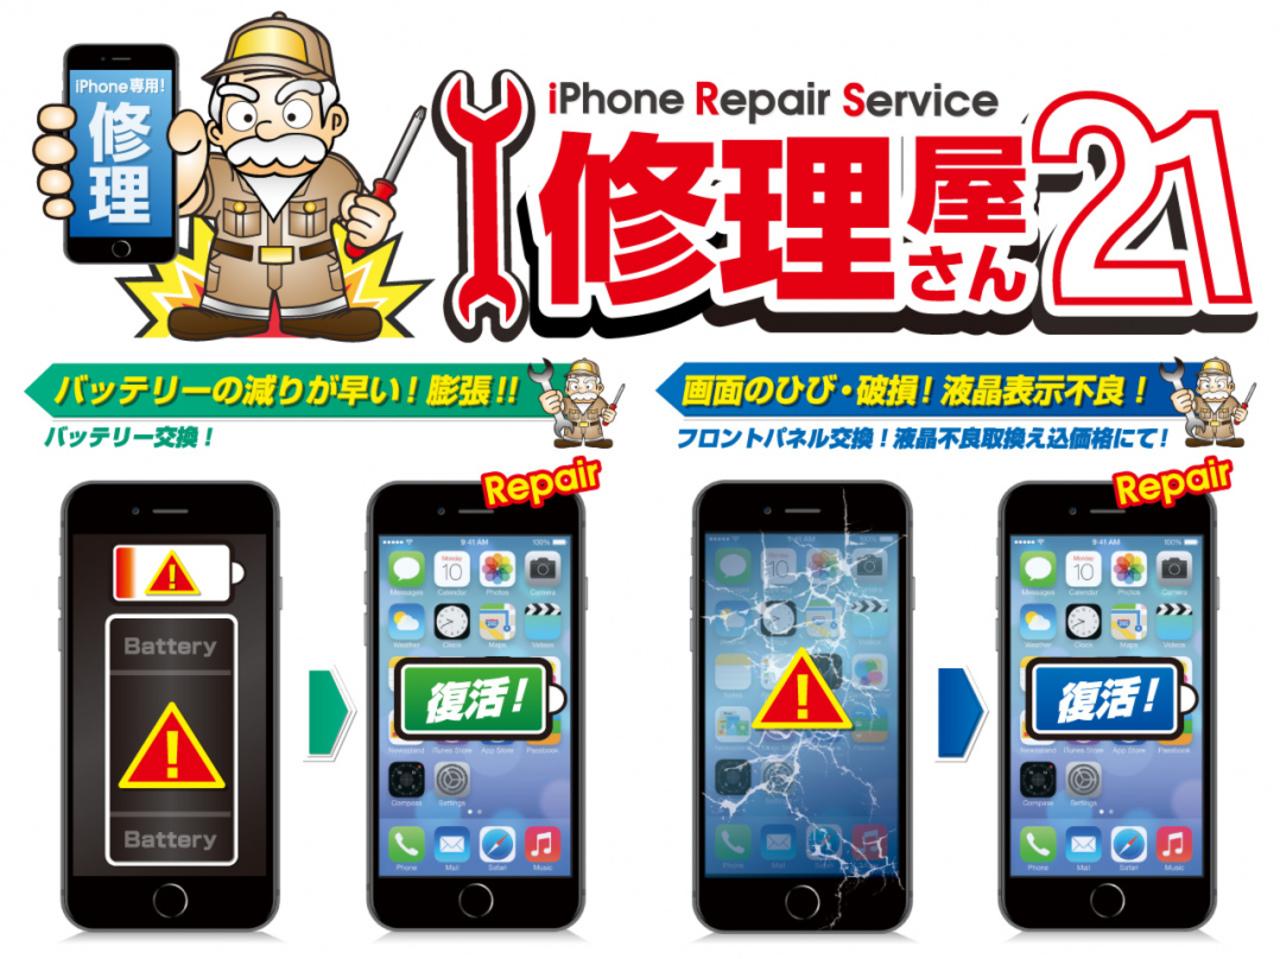 【はんこ屋さん21 築地店】iPhone修理サービスの受付スタートしました